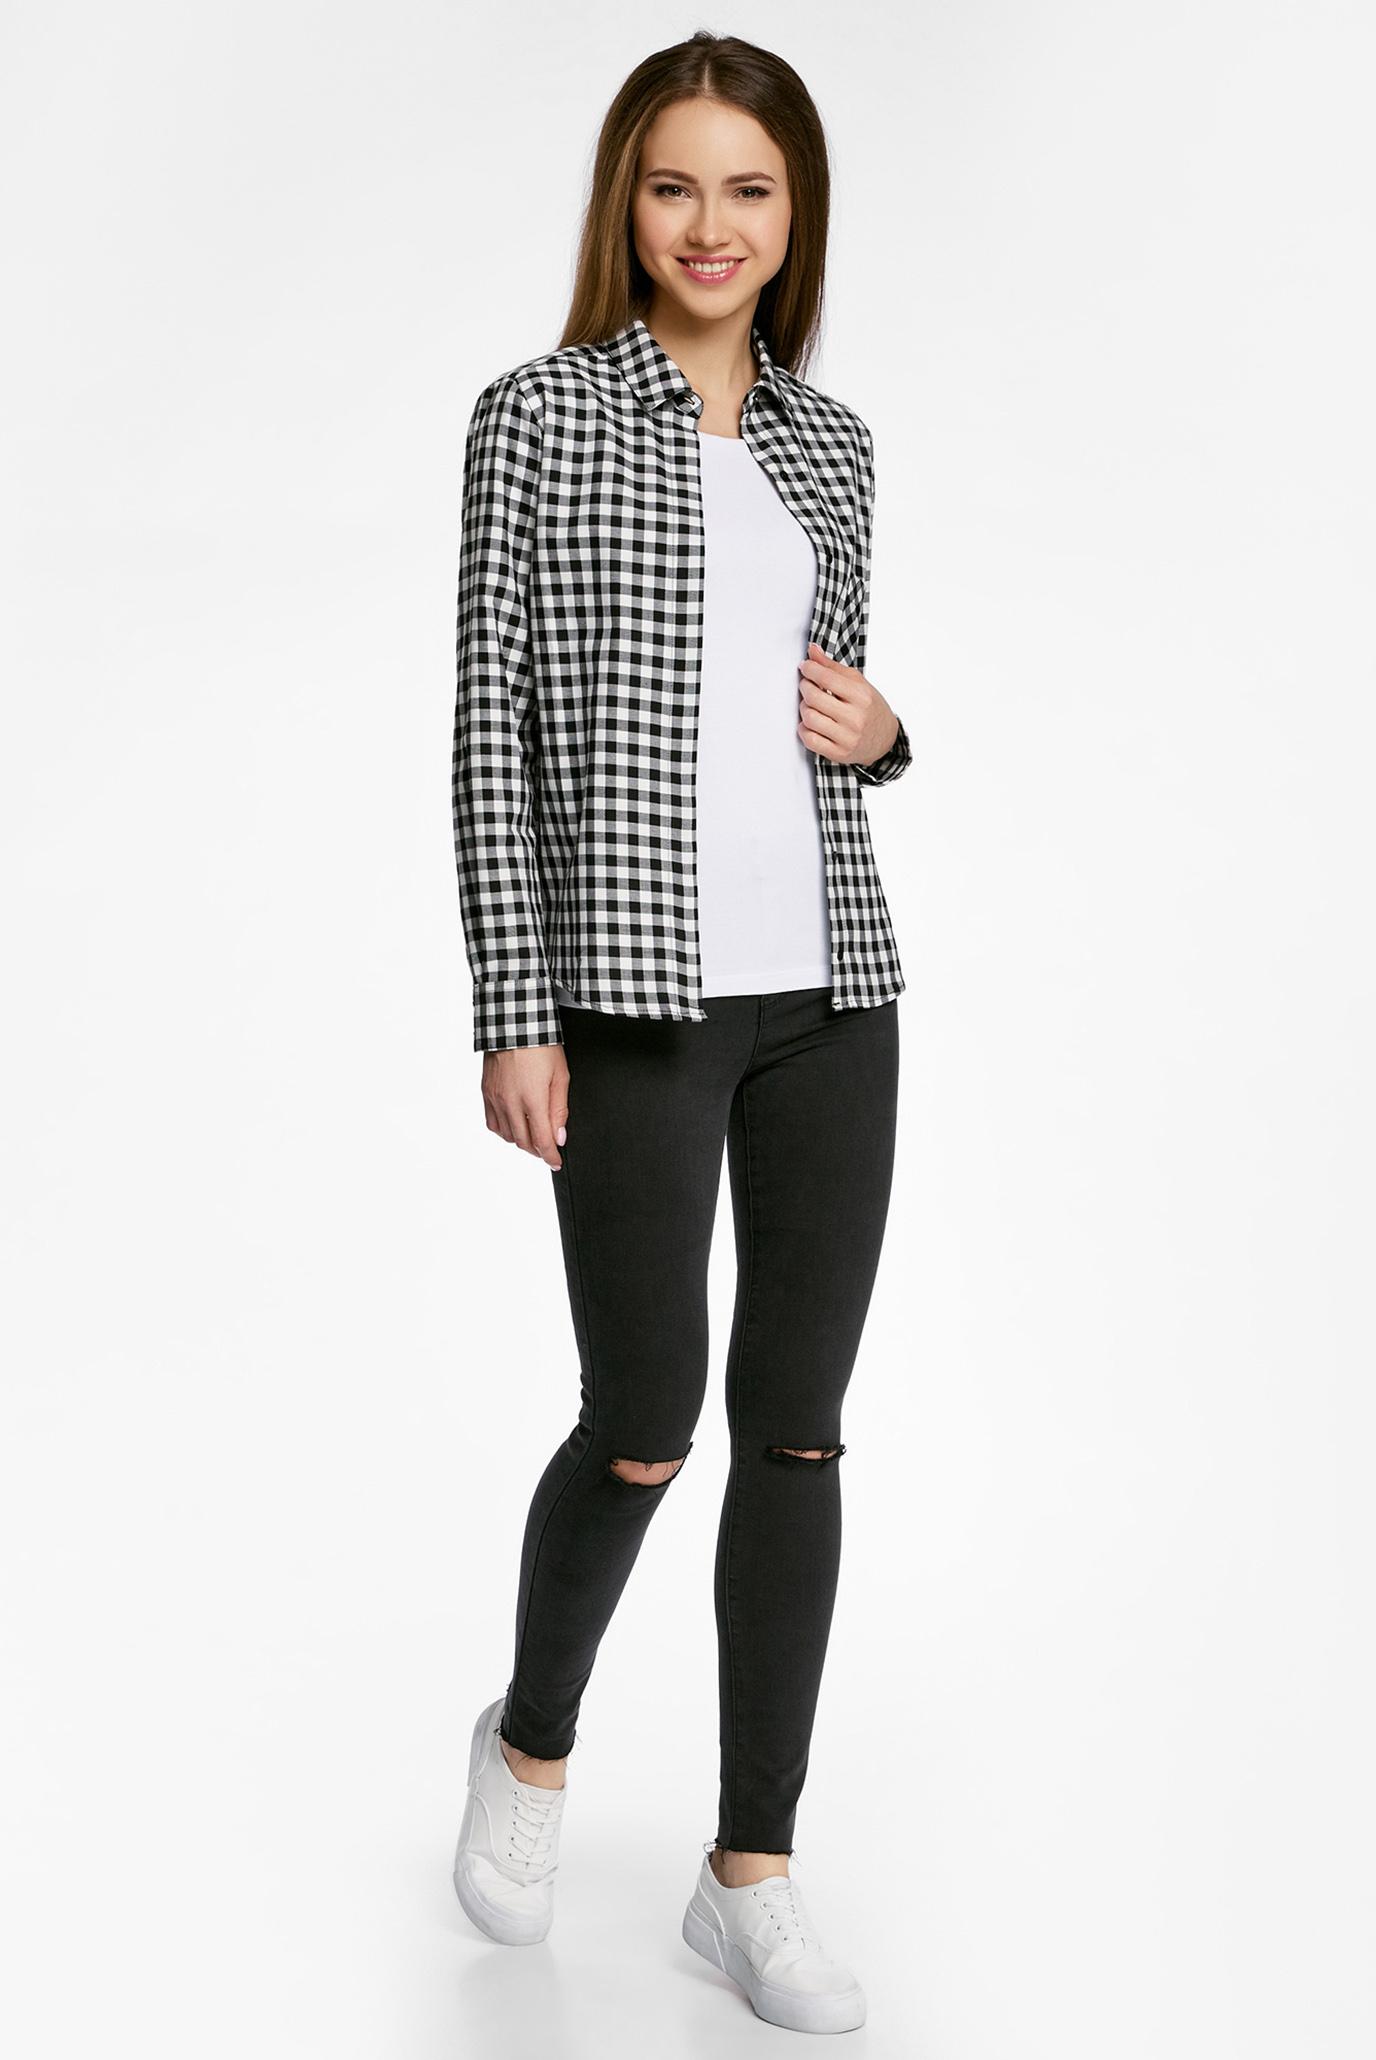 c68ce2d02613 Купить Женская черная рубашка в клетку Oodji Oodji 11411099-1/43566 ...